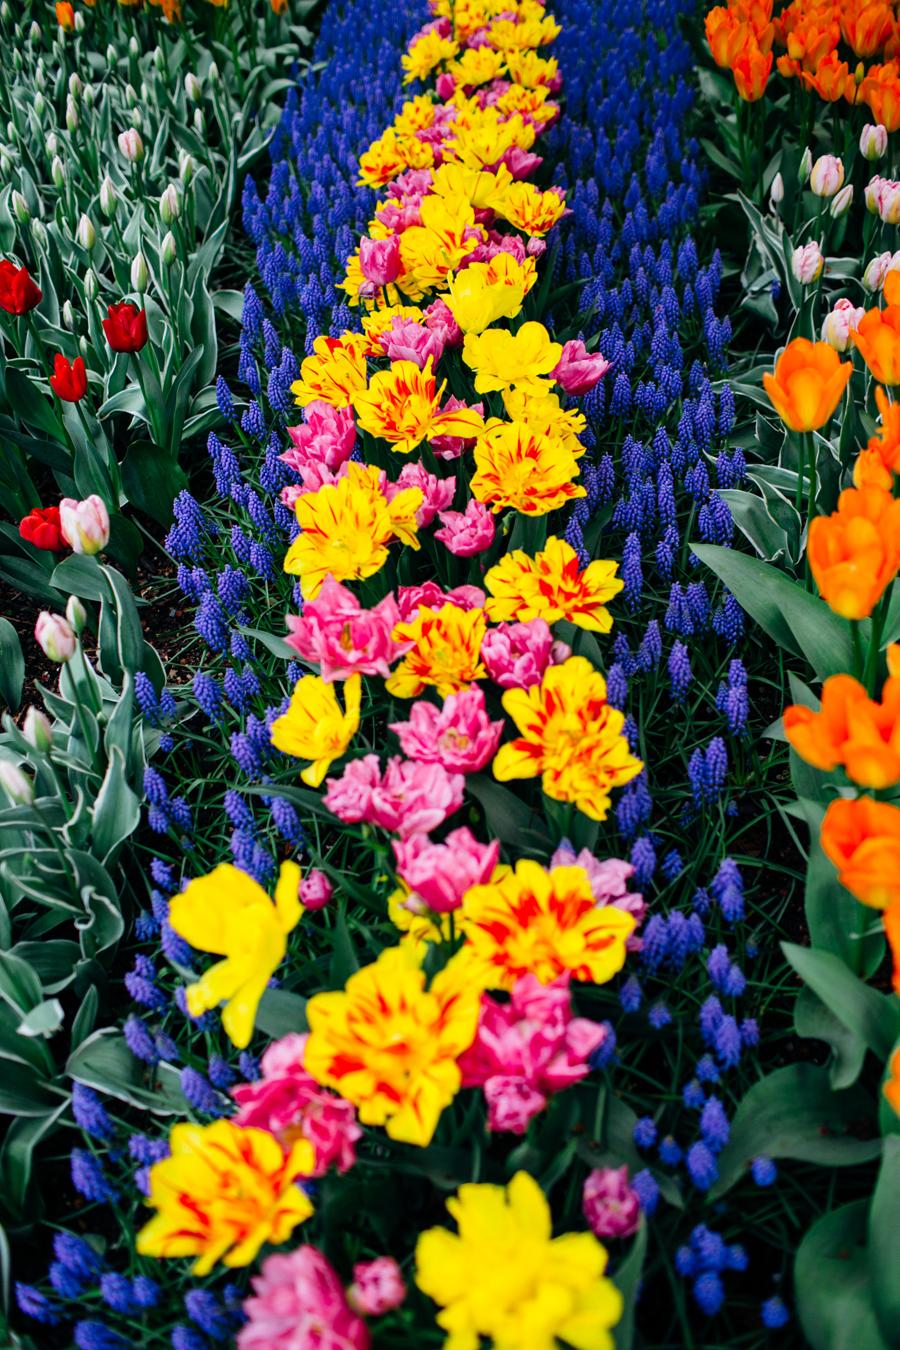 006-bellingham-skagit-photographer-photo-tulip-festival-katheryn-moran.jpg